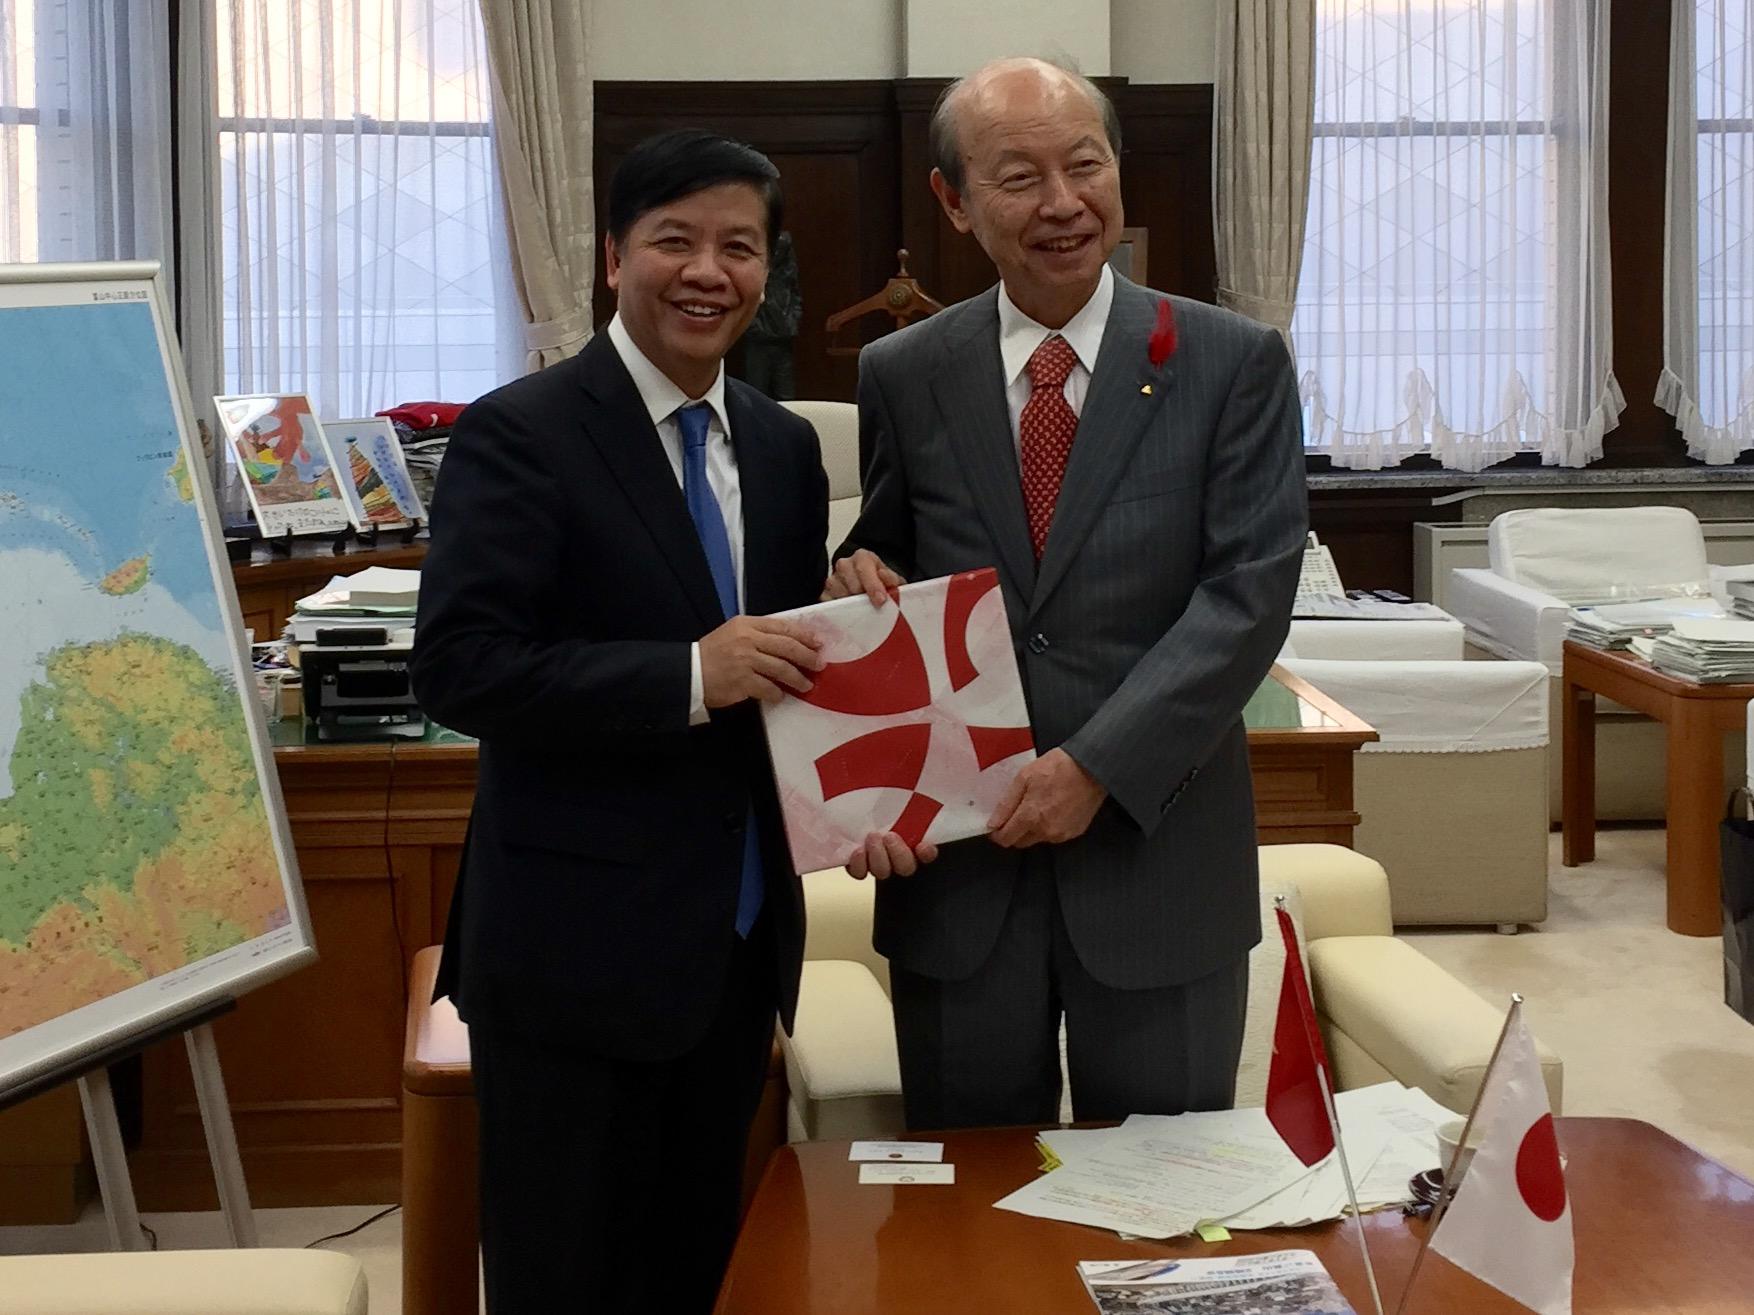 グエン・クオック・クオン大使は、富山県訪問